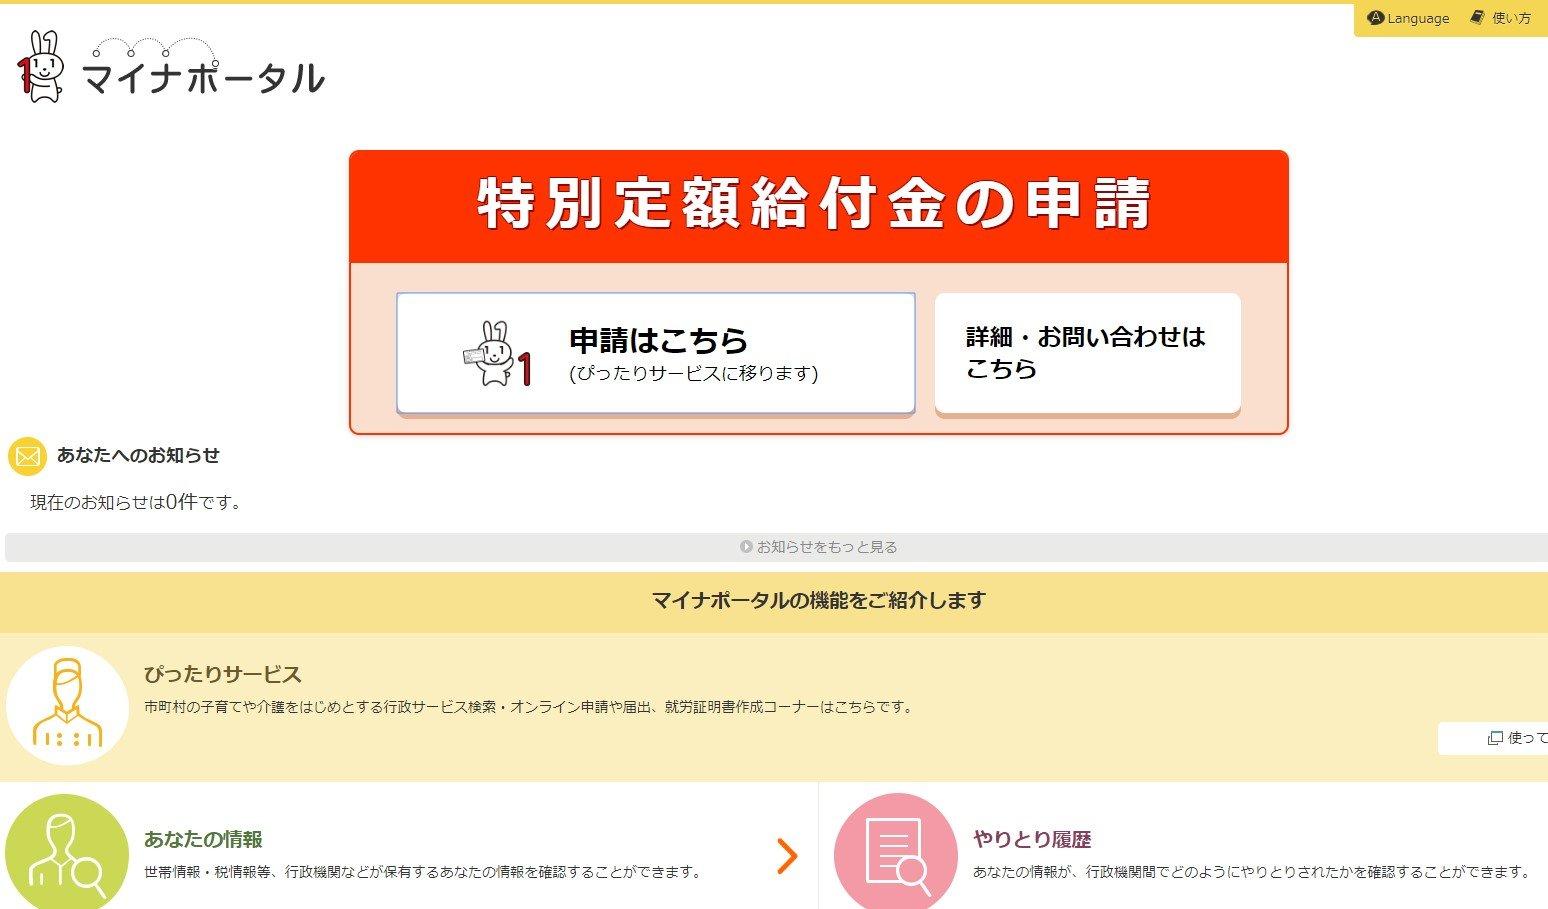 10万円給付金、オンライン申請受付スタート 679の自治体で - ITmedia NEWS